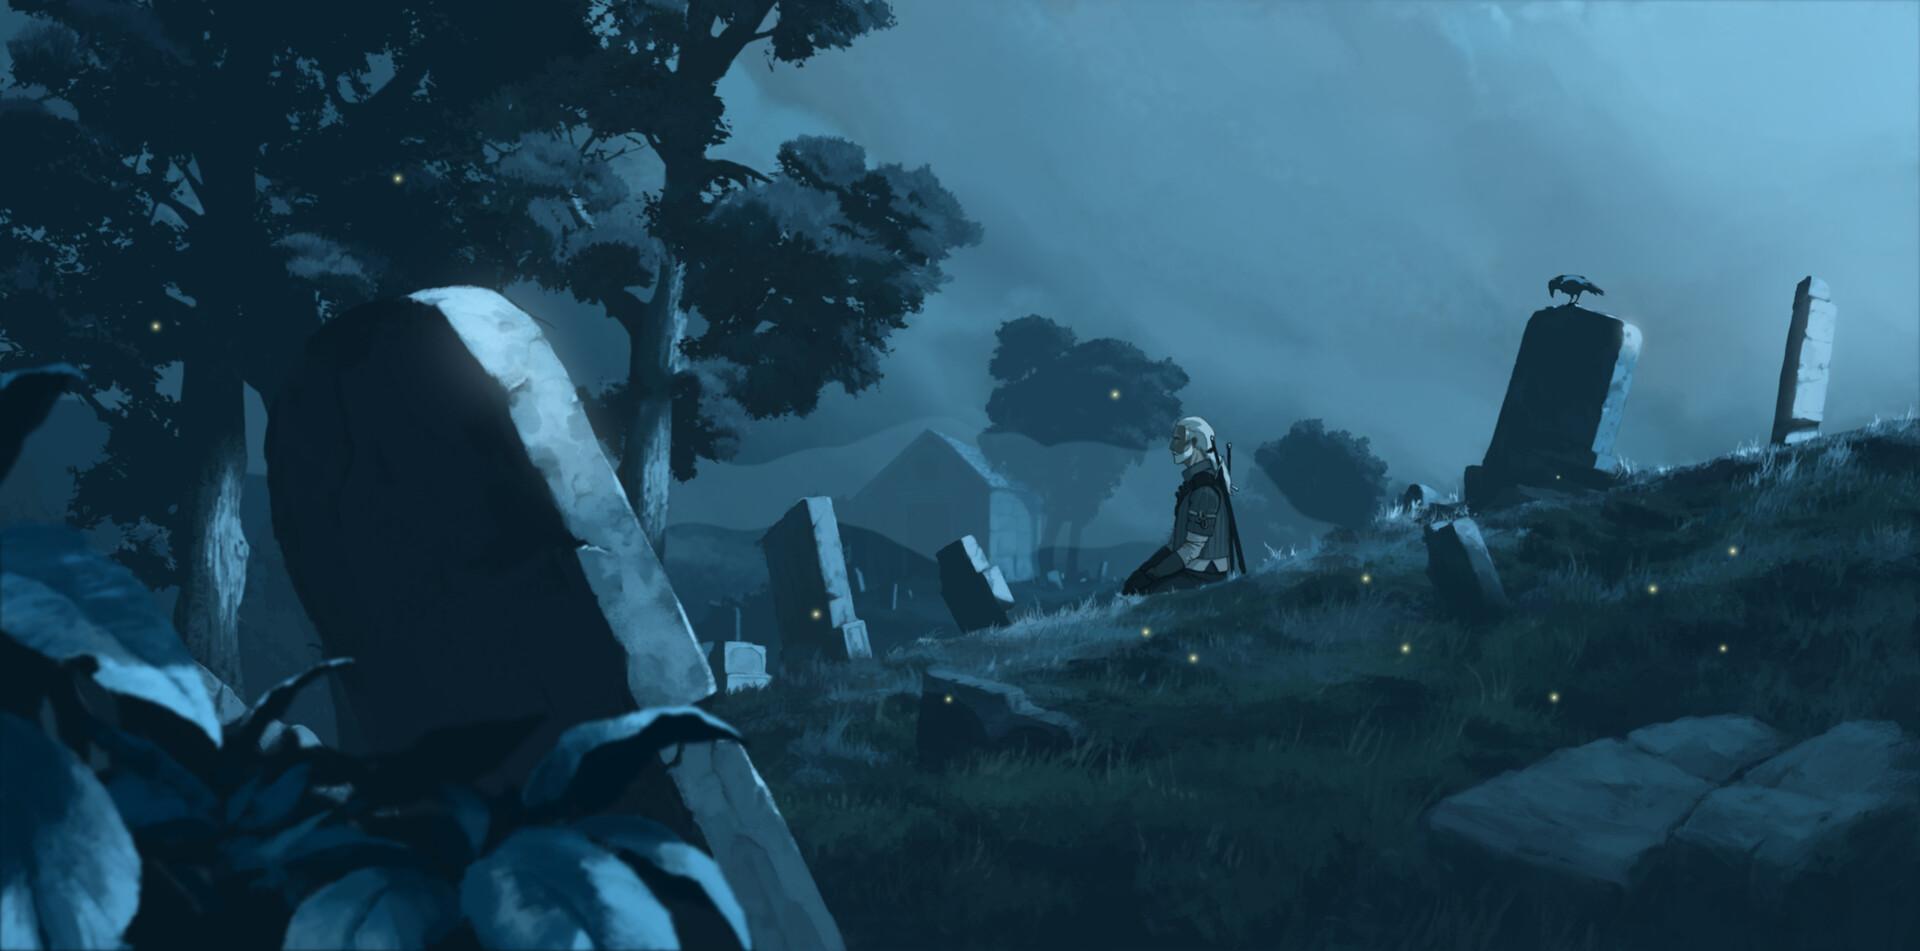 Для изображения ночи в CG традиционно используются синие оттенки. Автор Rostyslav Zagornov. Источник: www.artstation.com